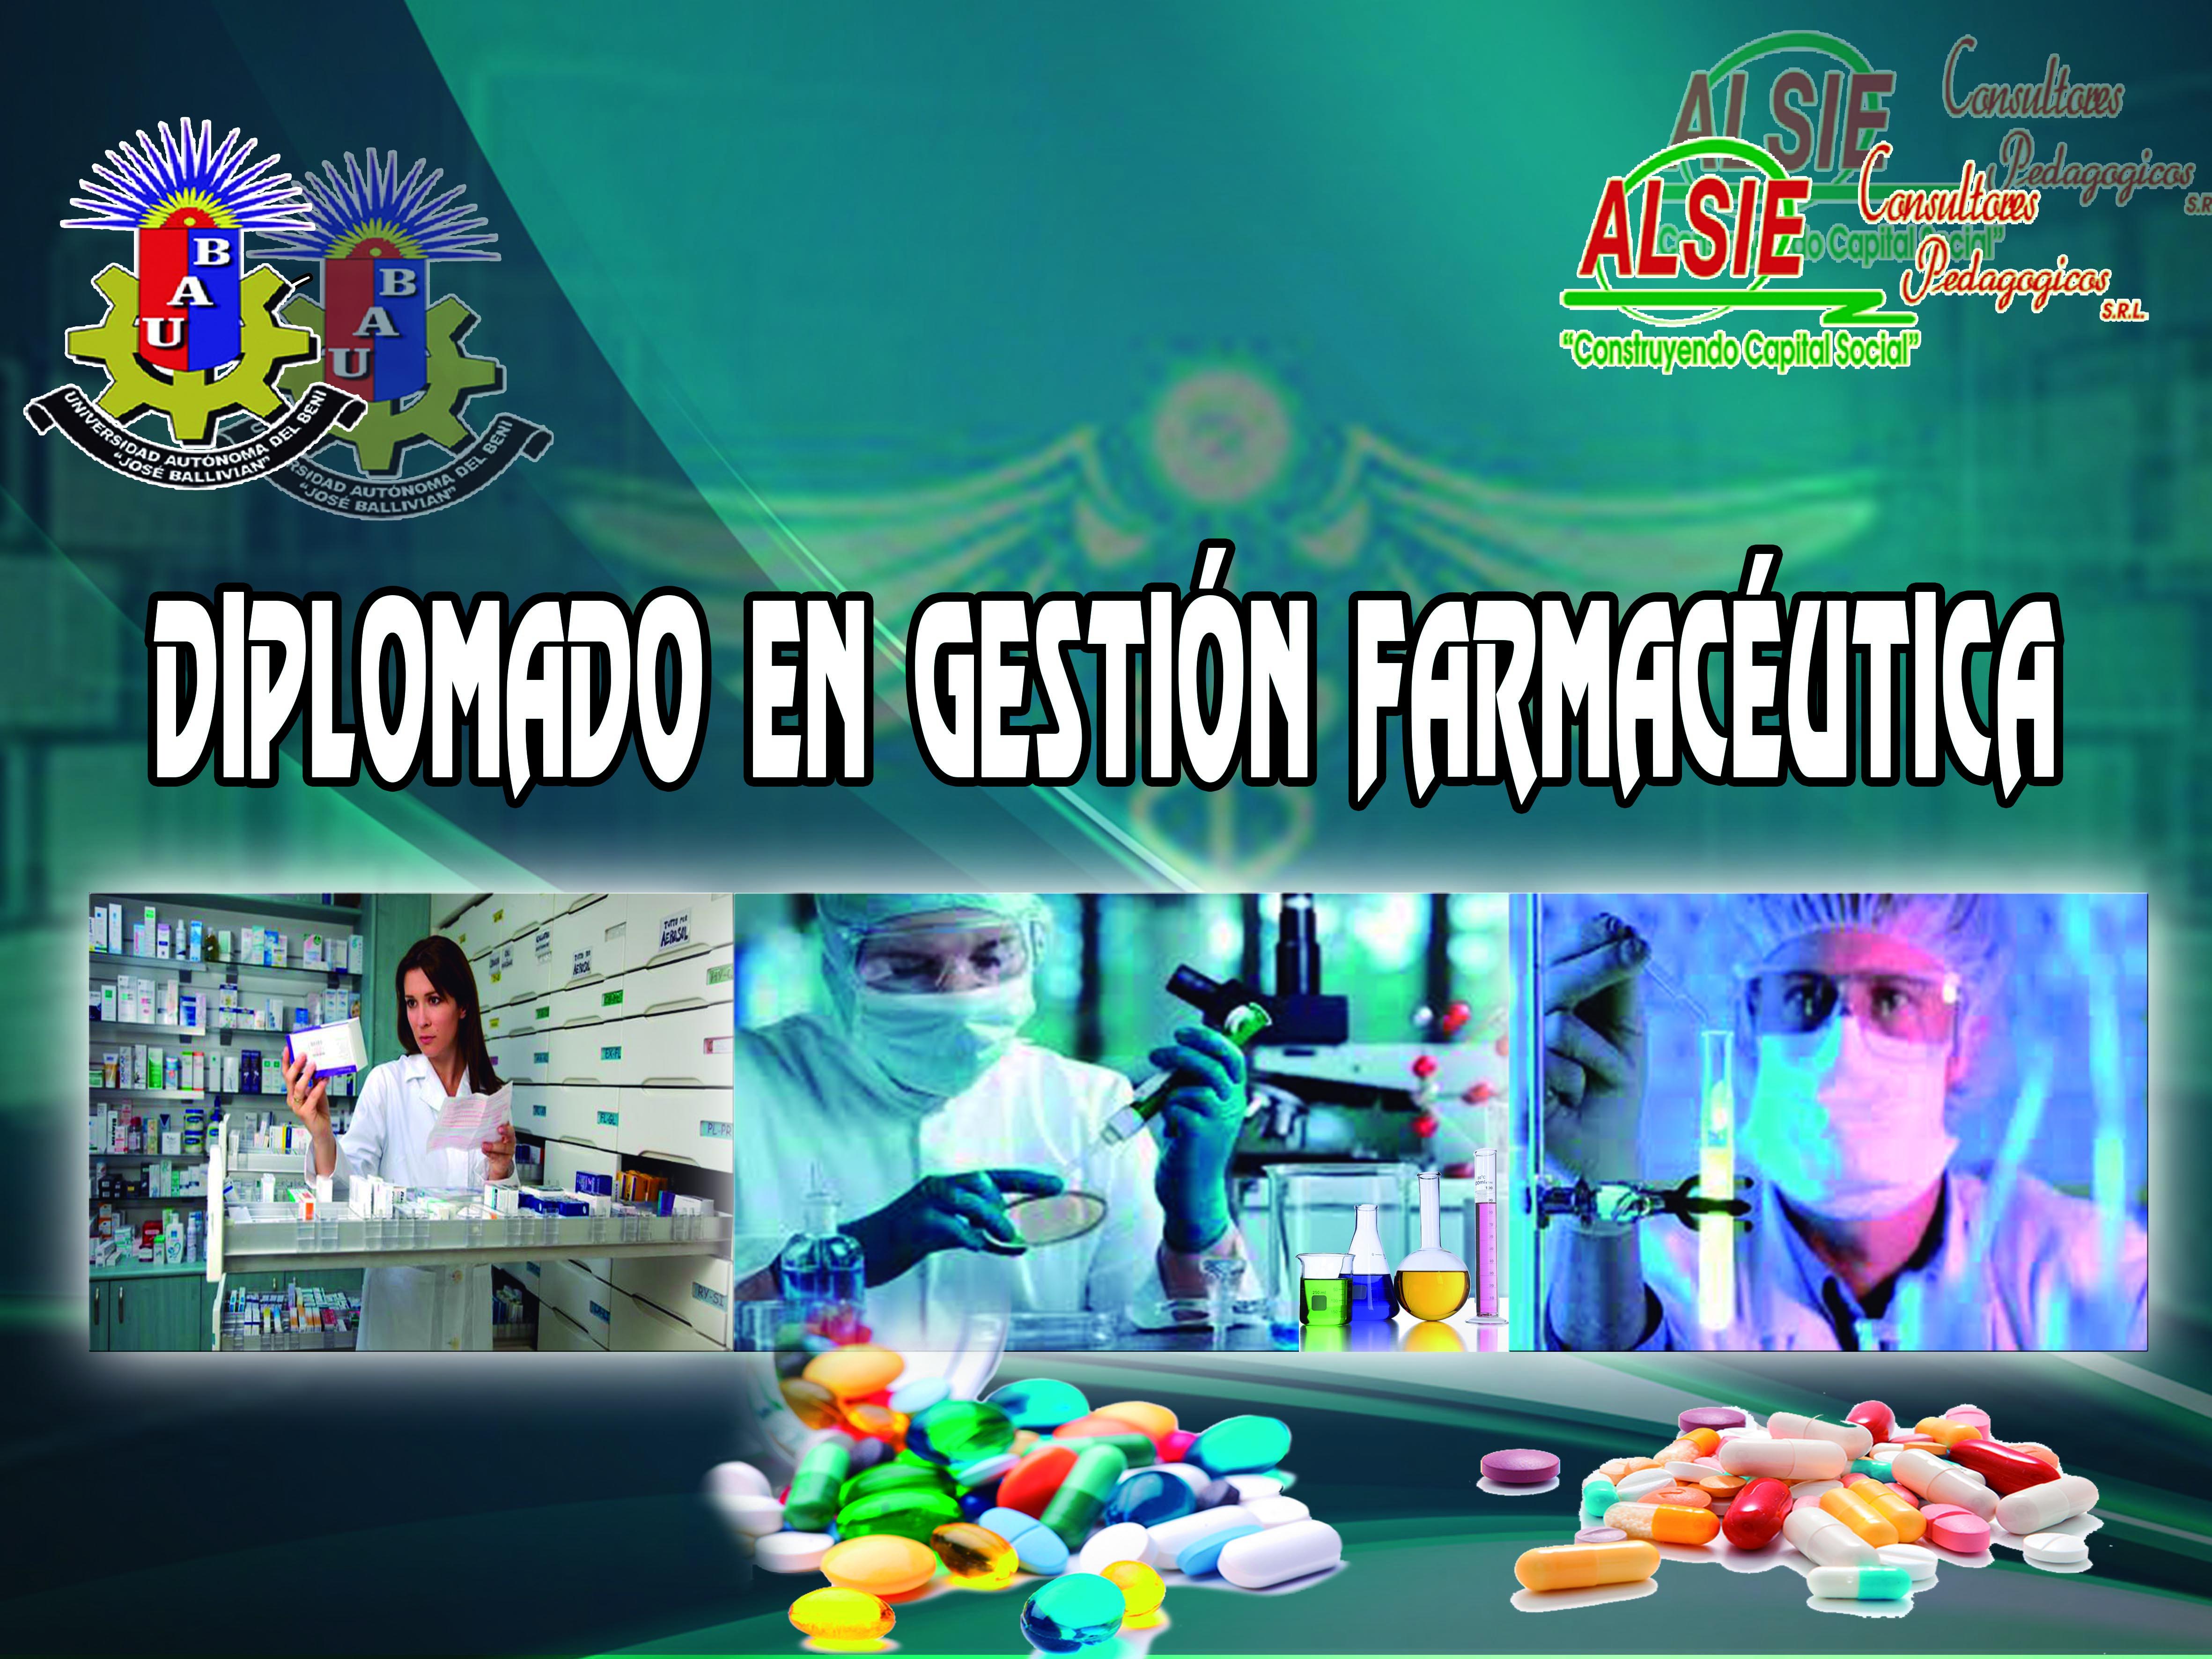 Diplomado en Gestión Farmacéutica